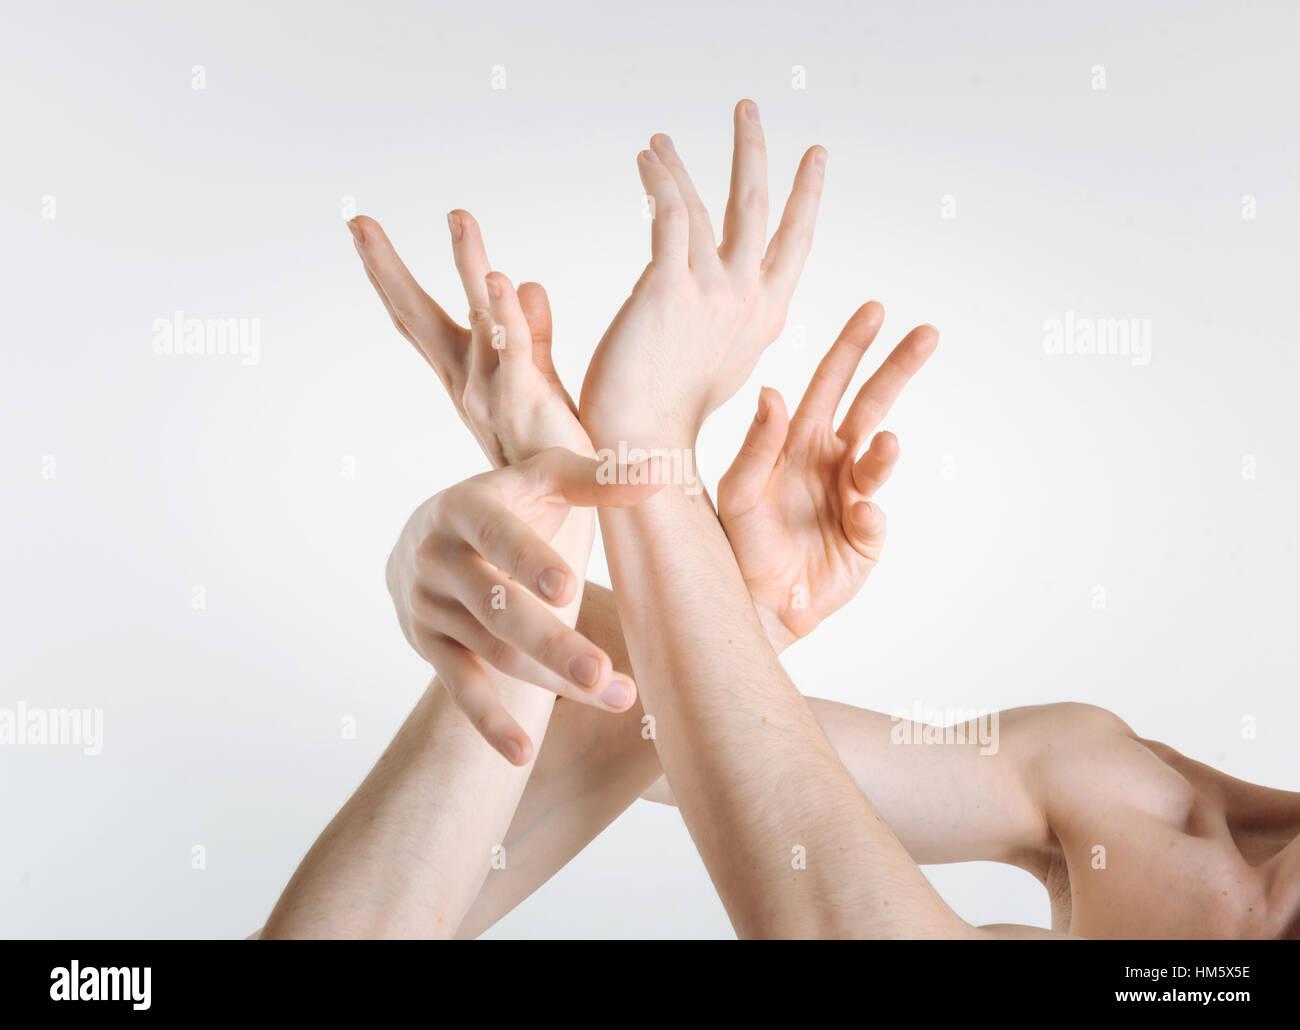 Los gimnastas sofisticadas manos expresando la gracia en el studio Imagen De Stock